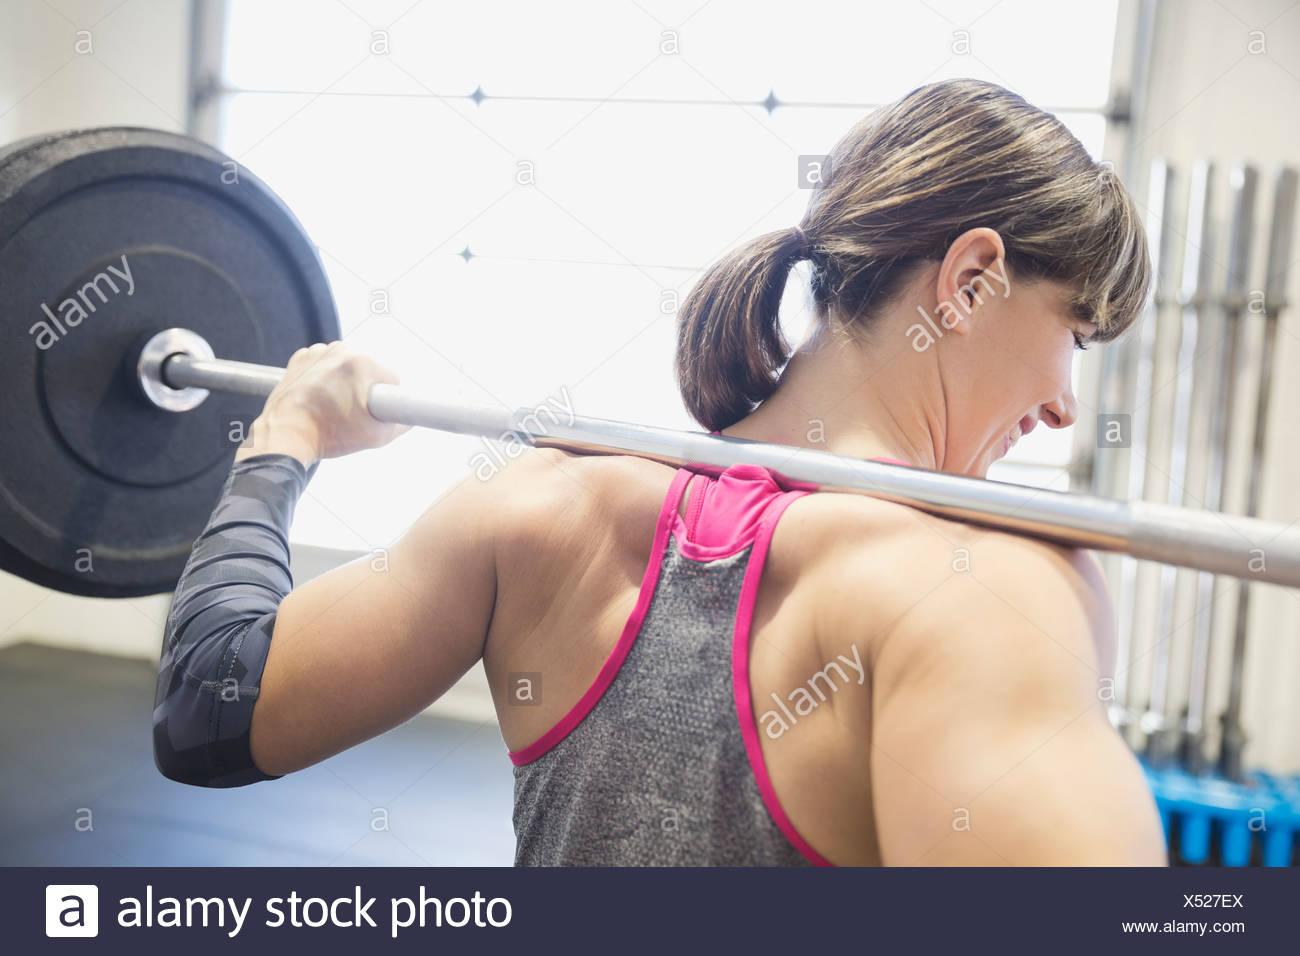 Mujer de pie con barbell en hombros Imagen De Stock